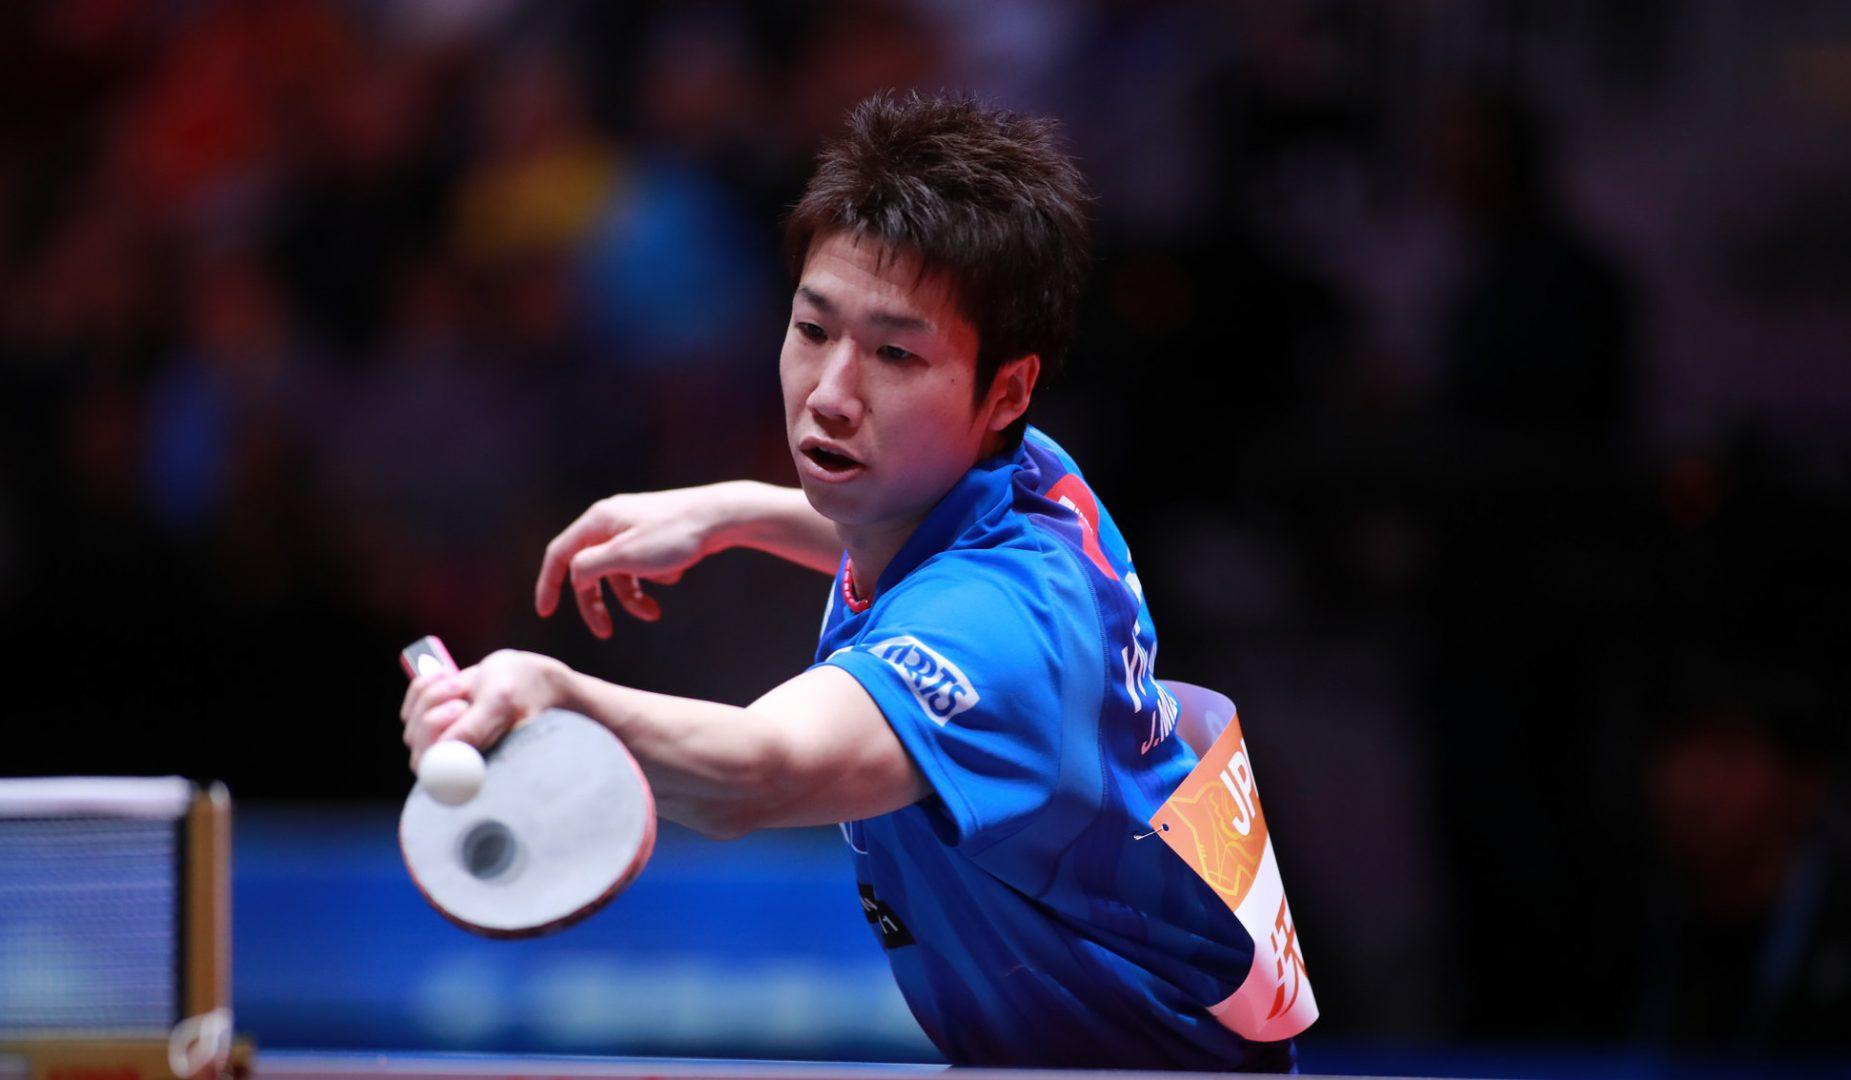 【卓球】水谷隼、全日本前に斬新な方法で自身に打ち克つ「簡単だった」